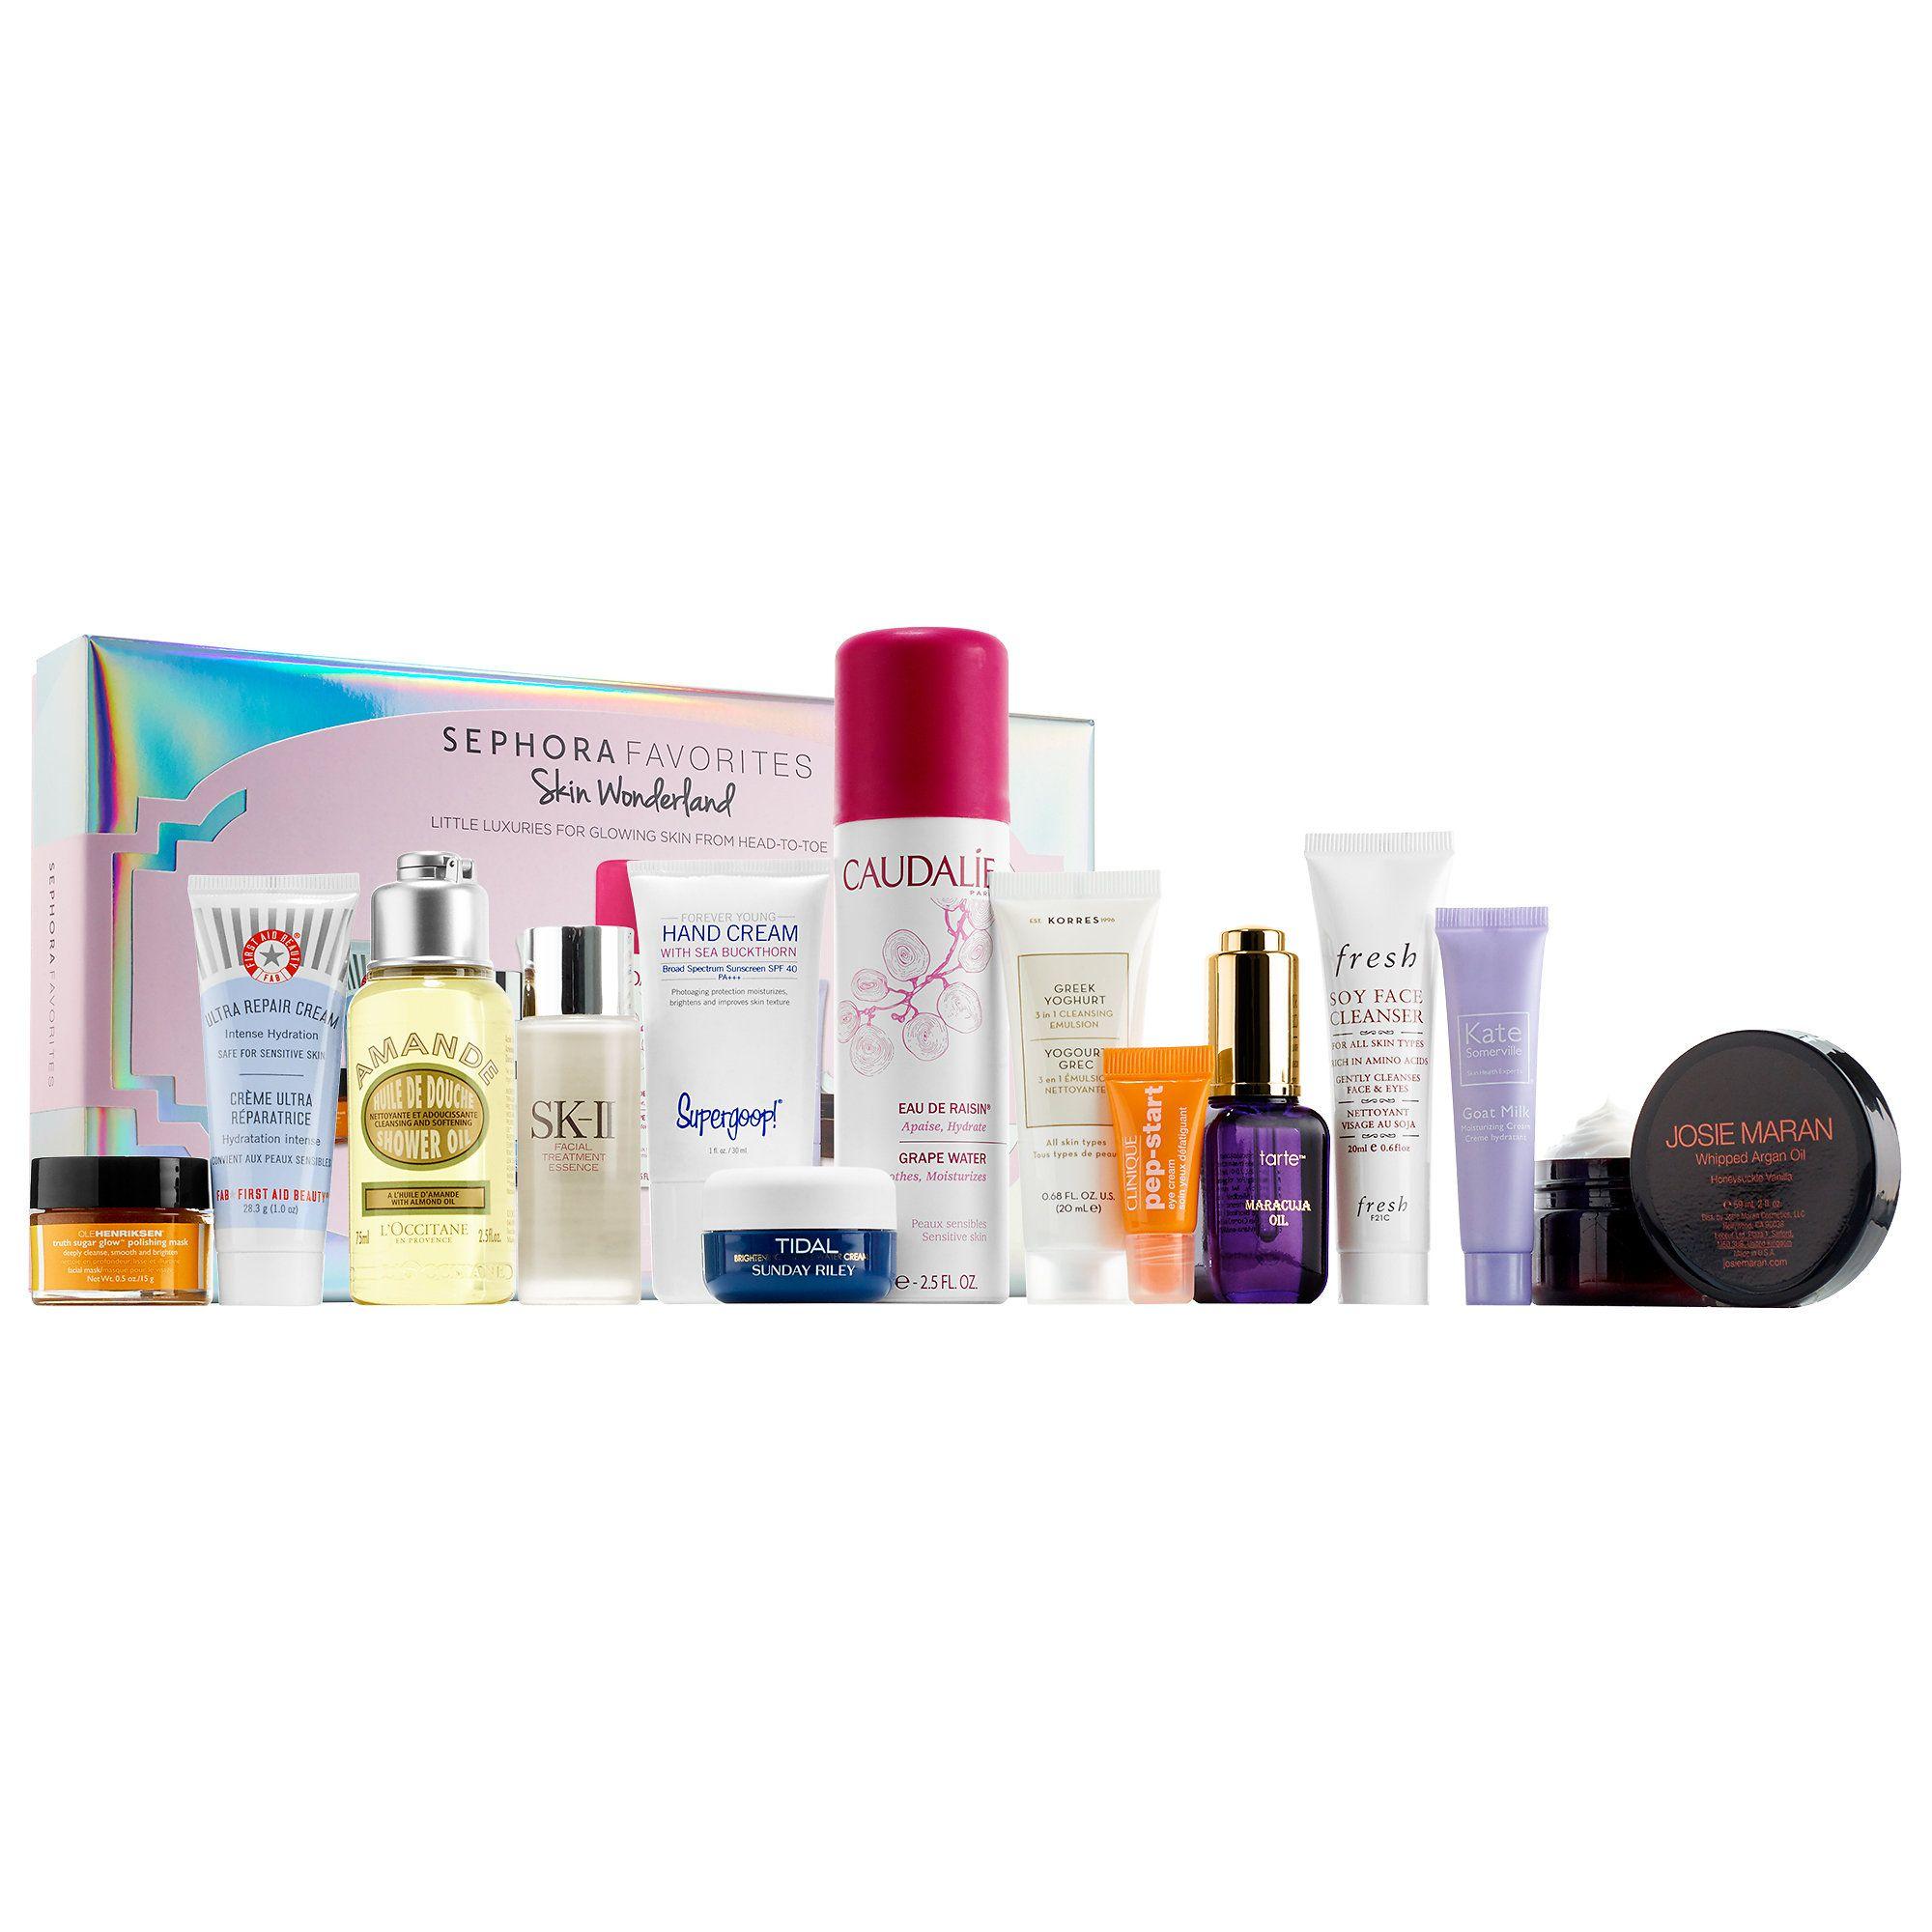 Shop Sephora Favoritesu Skin Wonderland at Sephora This curated set